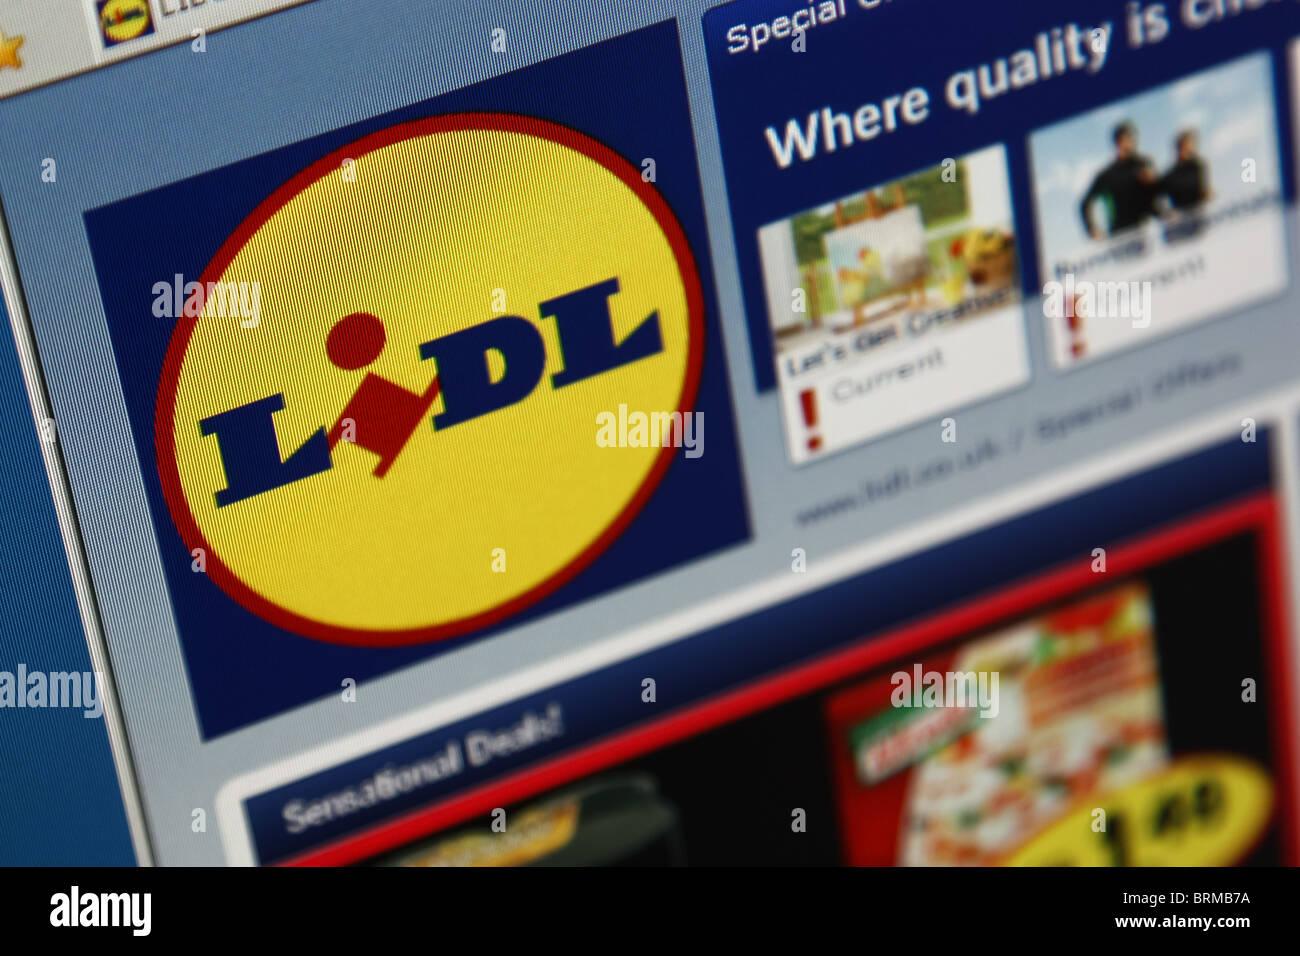 Lidl-Supermarkt-shopping-website Stockbild